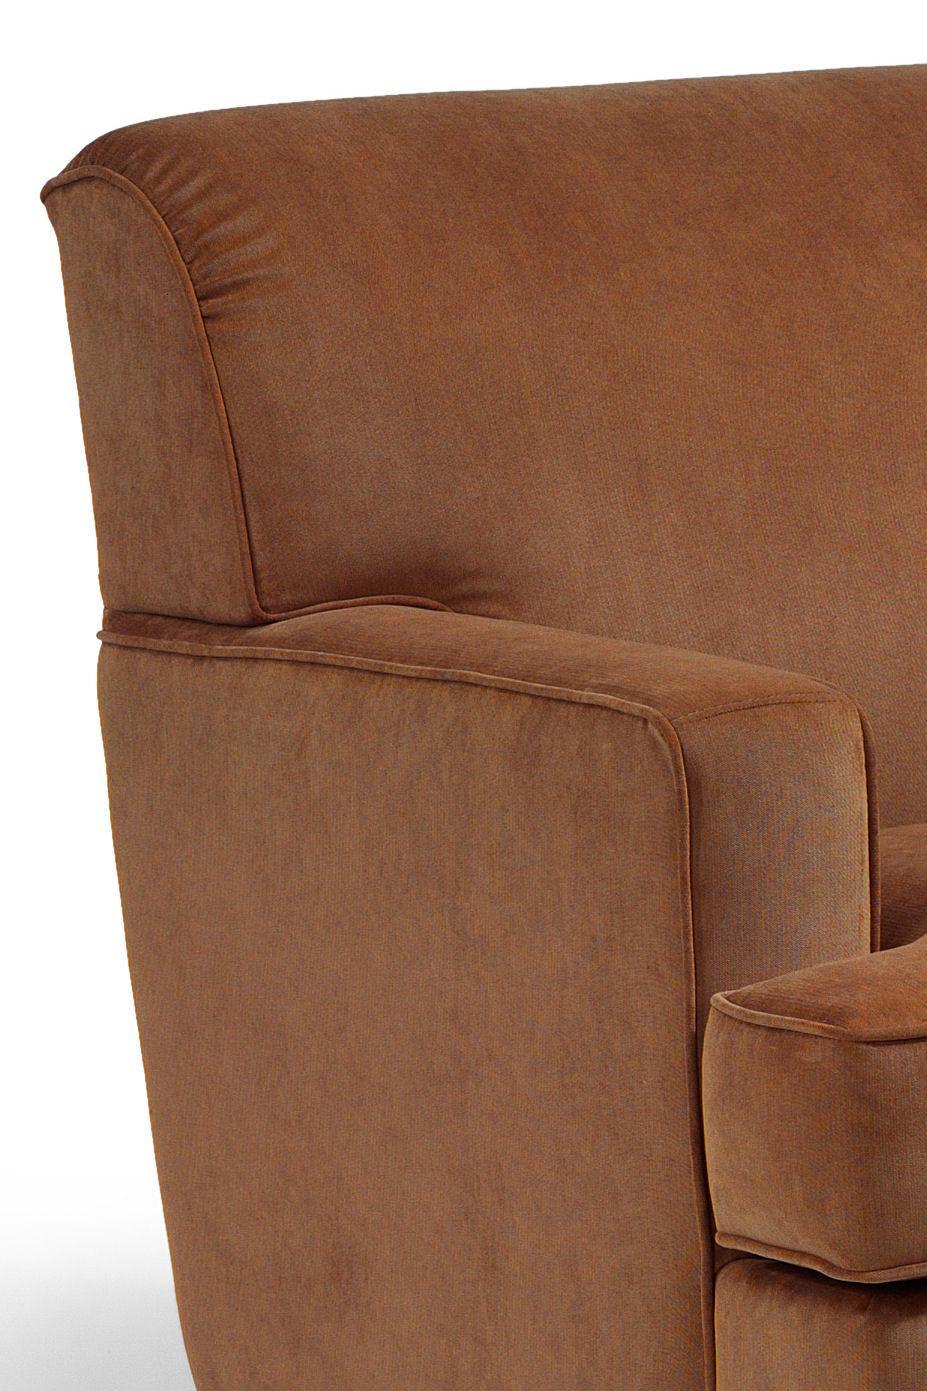 Dempsey 5641 By Flexsteel Steger S Furniture